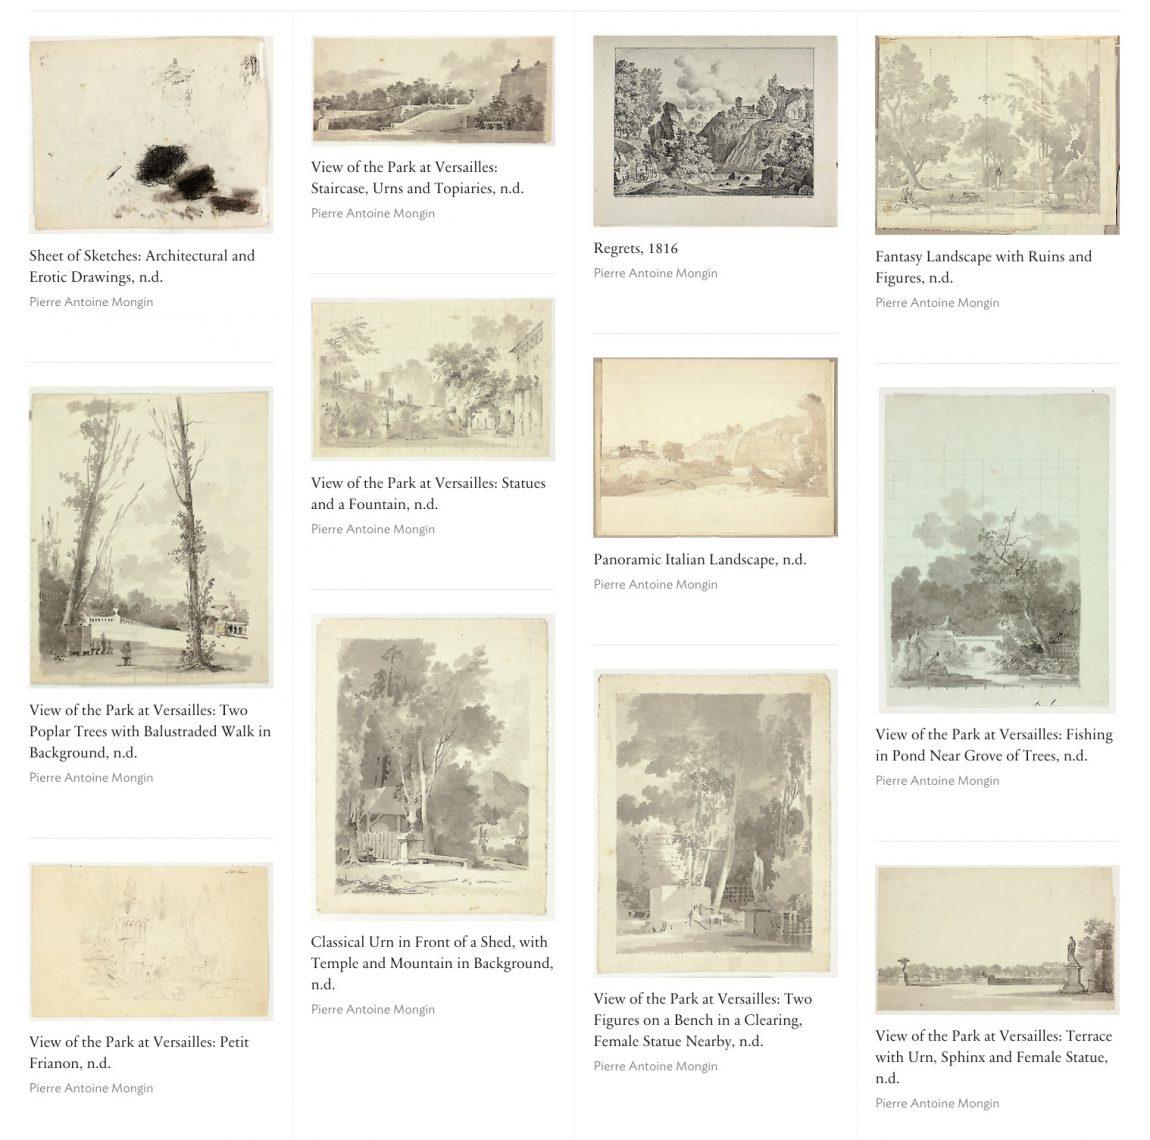 Screenshot of artwork by Pierre Antoine Mongin, on artic.edu